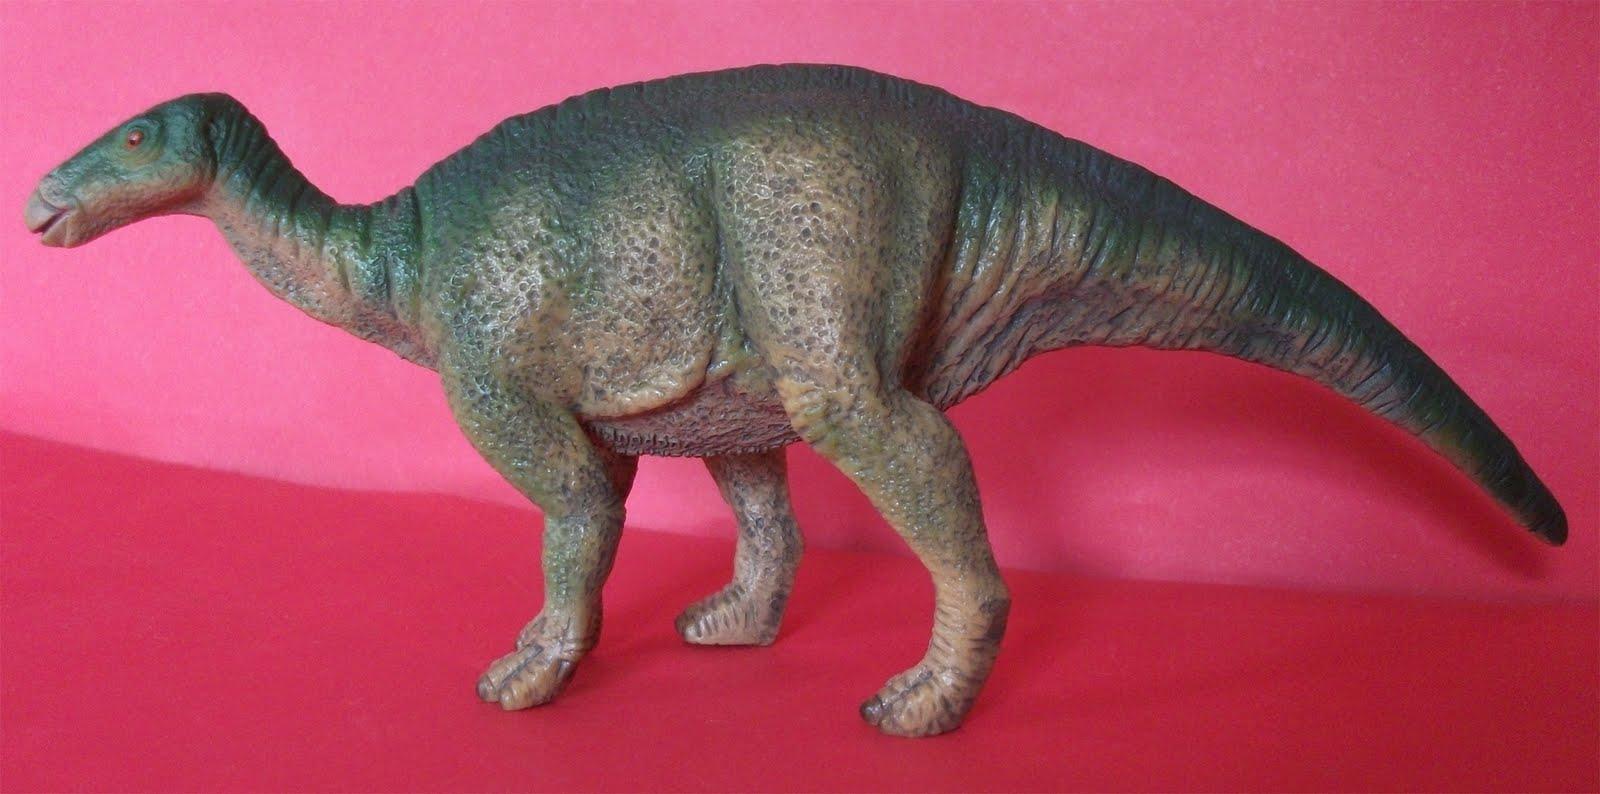 pachyrhinosaurus vs carnotaurus - photo #18